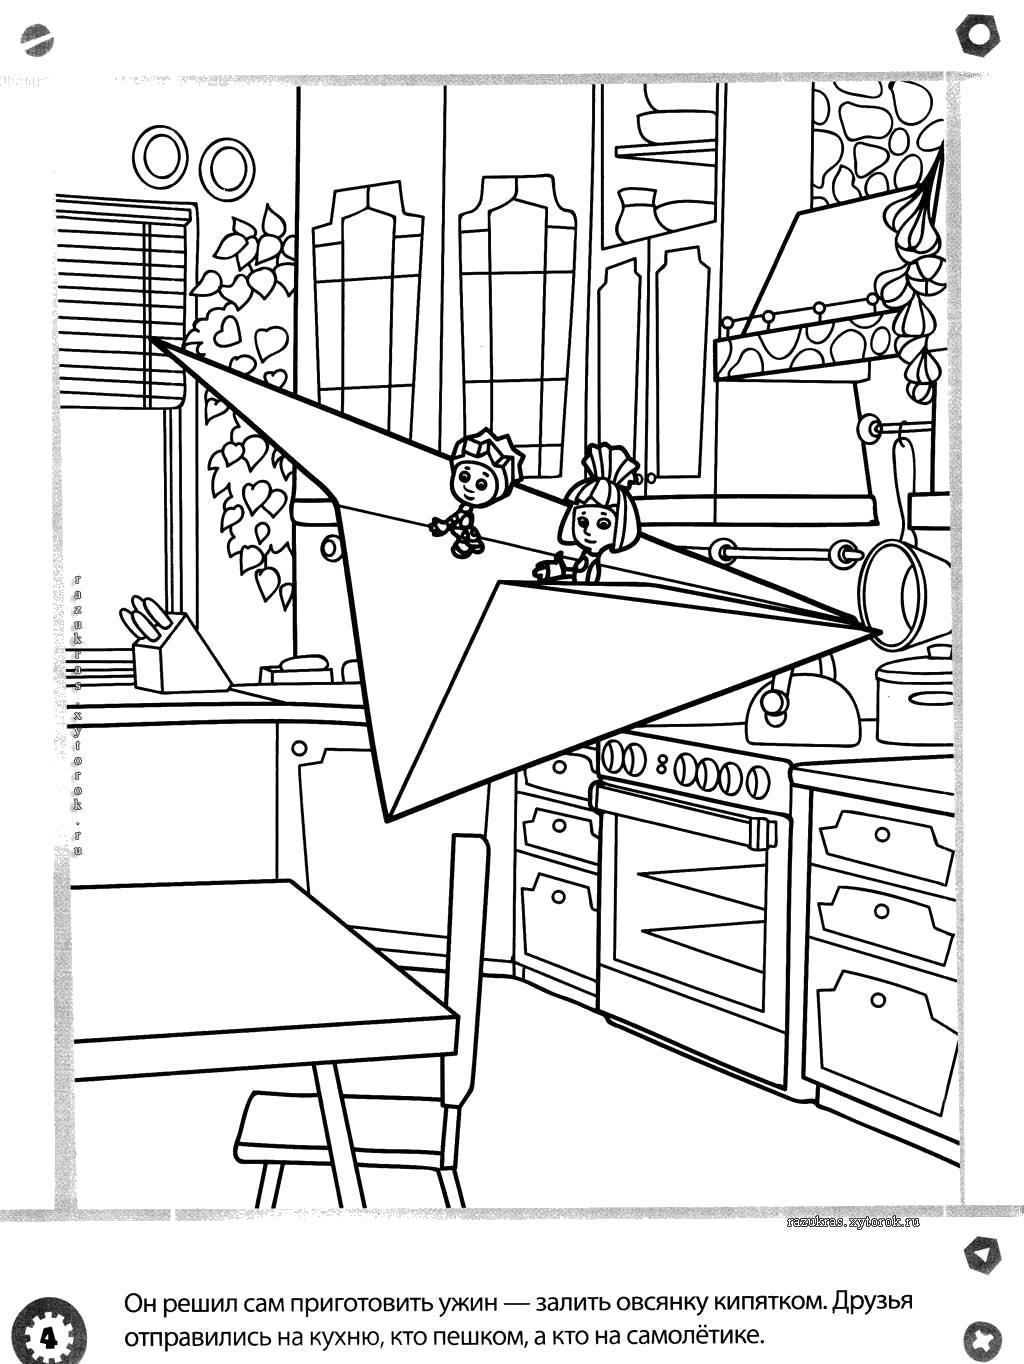 Раскраска  из мультика фиксики, Нолик и Симка.  помошники ДимДимыча фиксики. Скачать Нолик, Симка.  Распечатать Фиксики